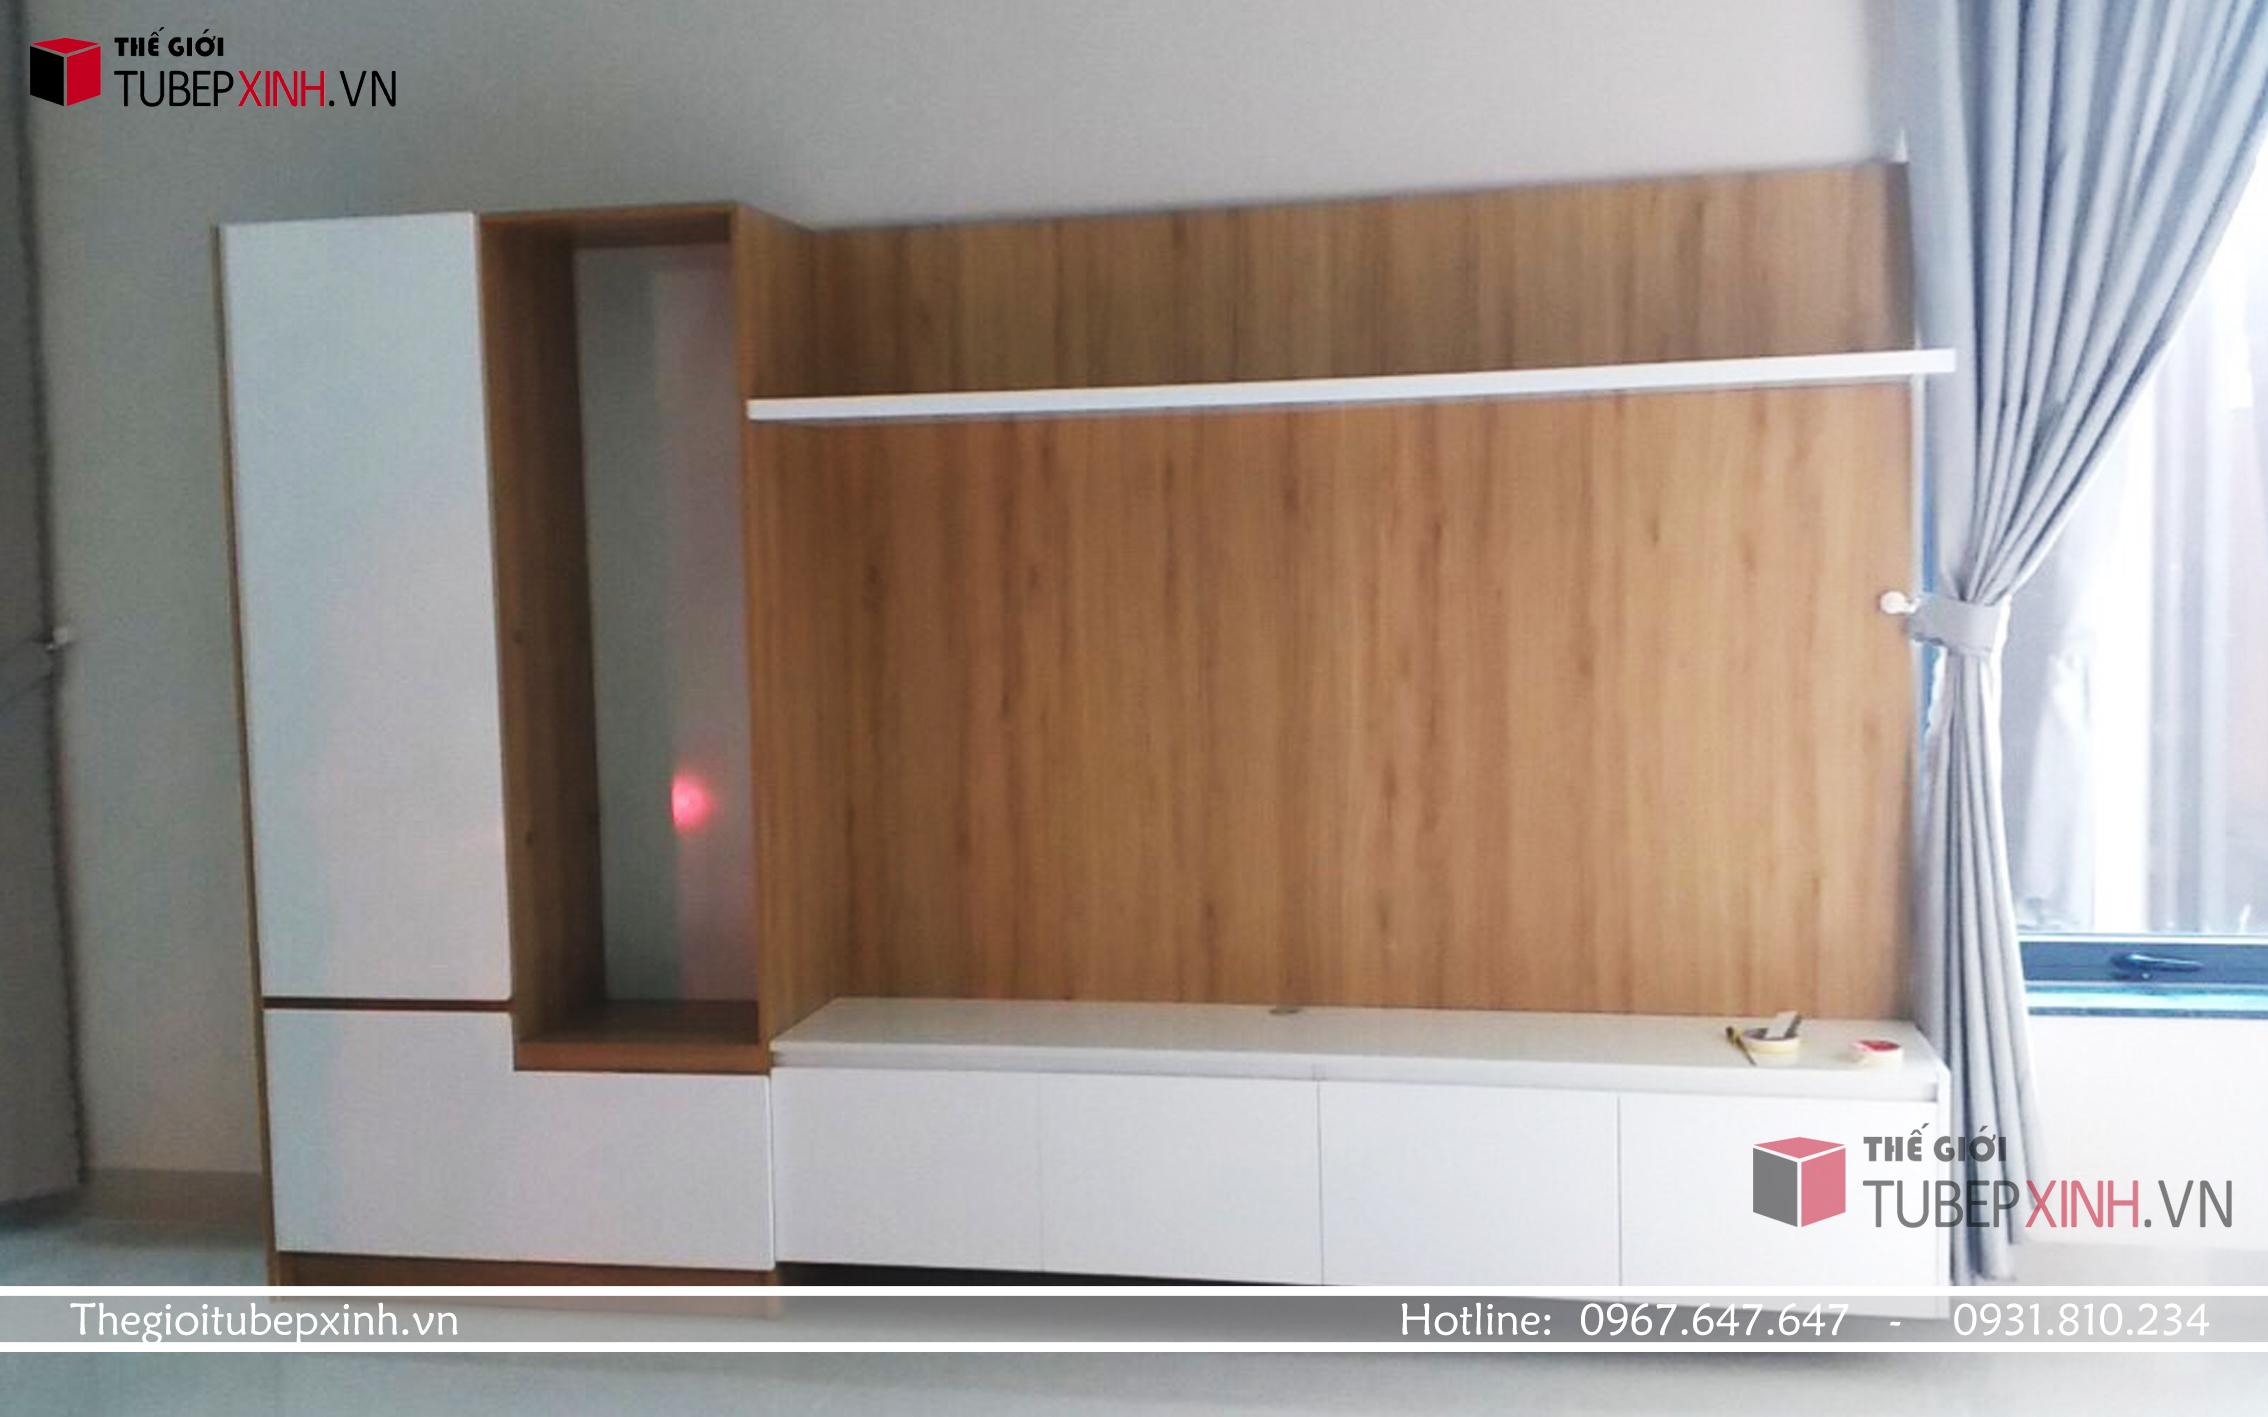 Kệ tivi kết hợp tủ trang trí gỗ mdf